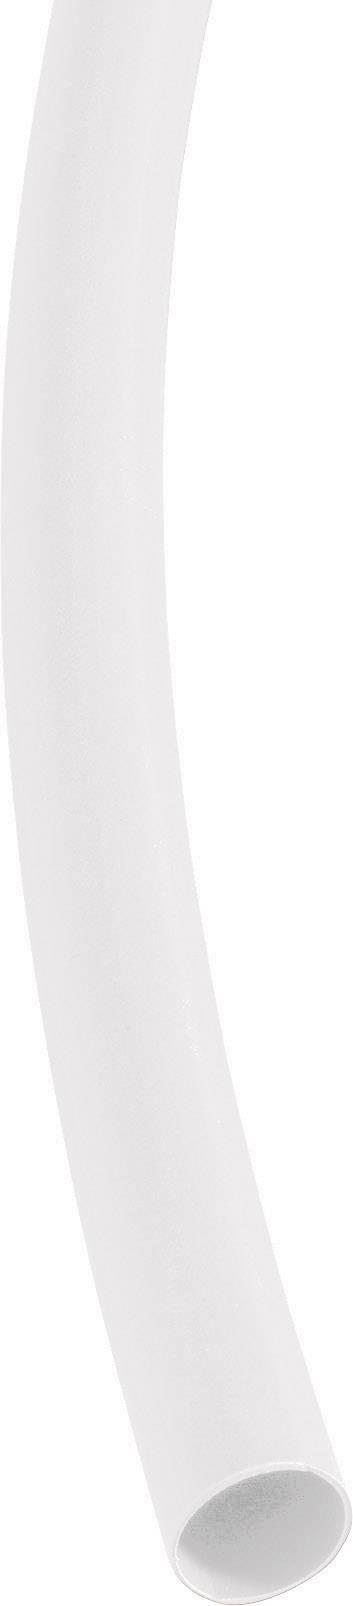 Zmršťovacie bužírky nelepiace DSG Canusa DERAY-I3000 3290090903, 3:1, 9.50 mm, biela, metrový tovar